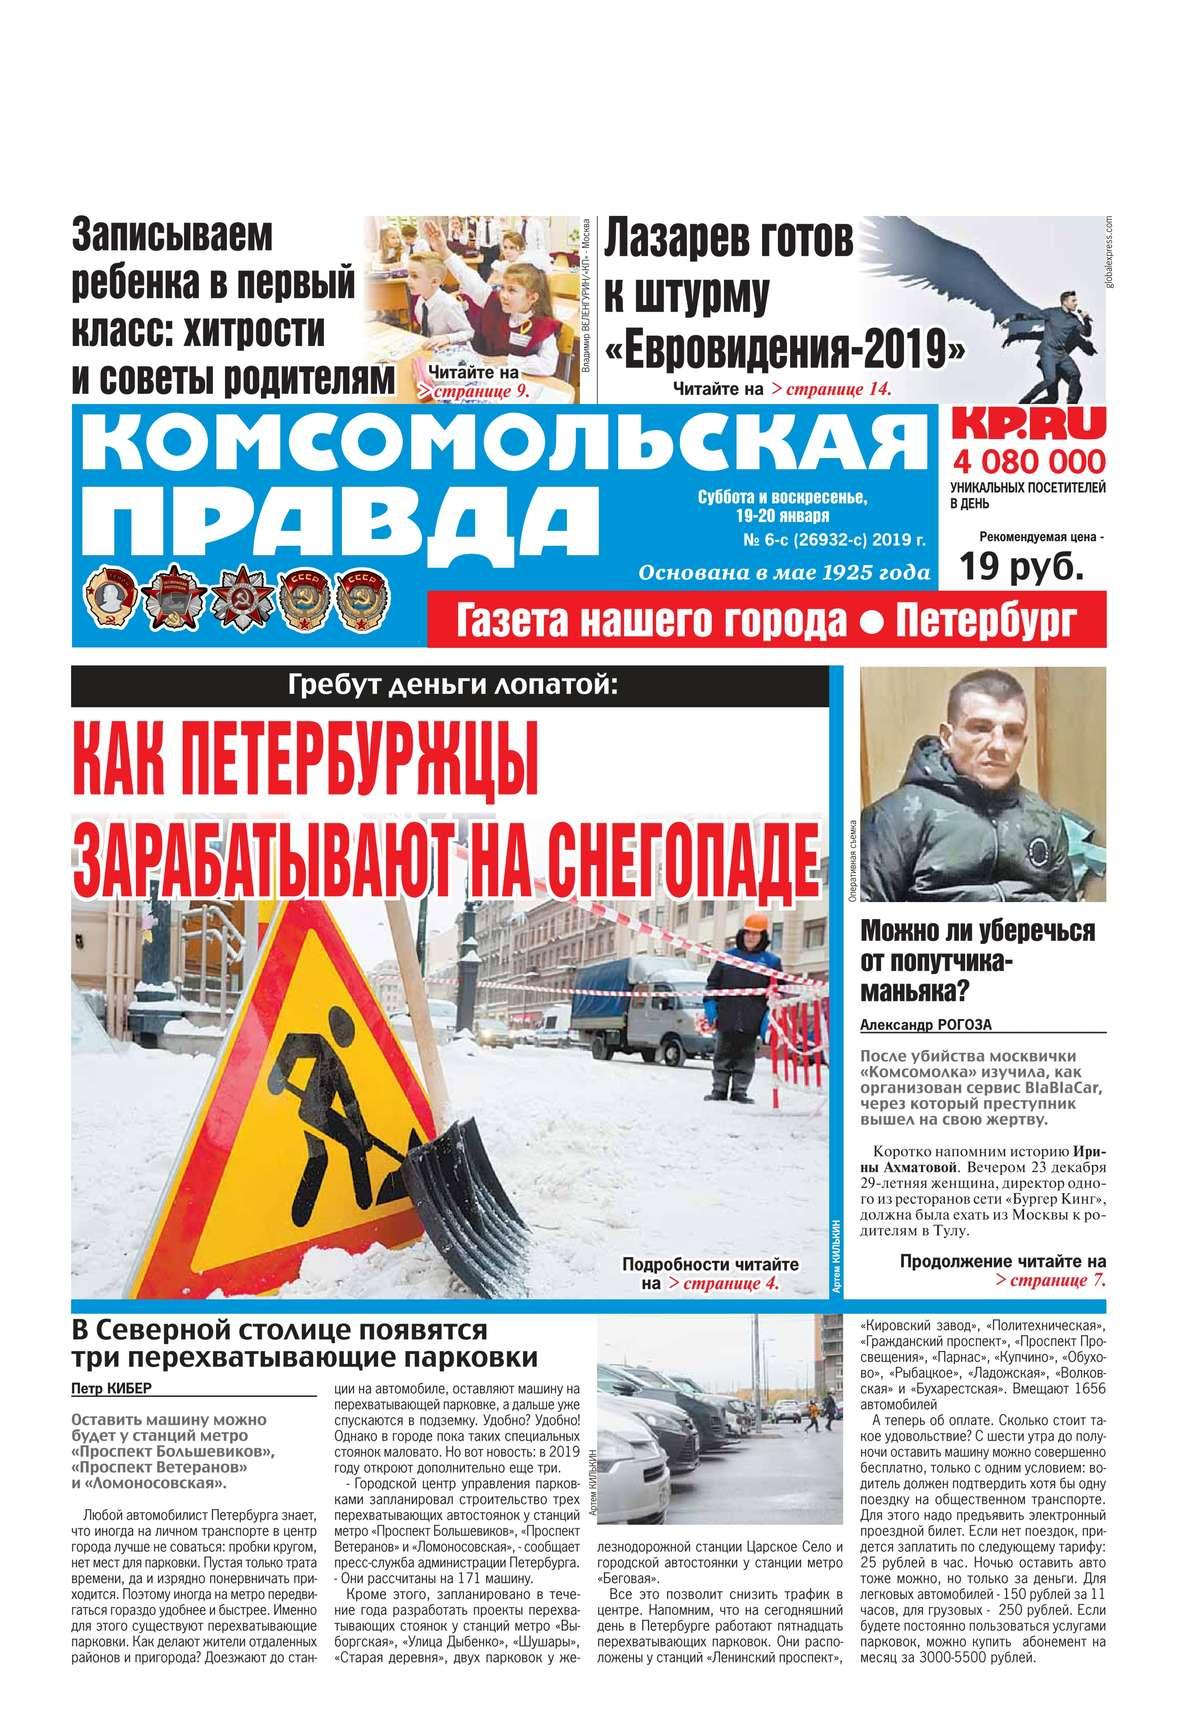 Комсомольская Правда. Санкт-Петербург 6с-2019